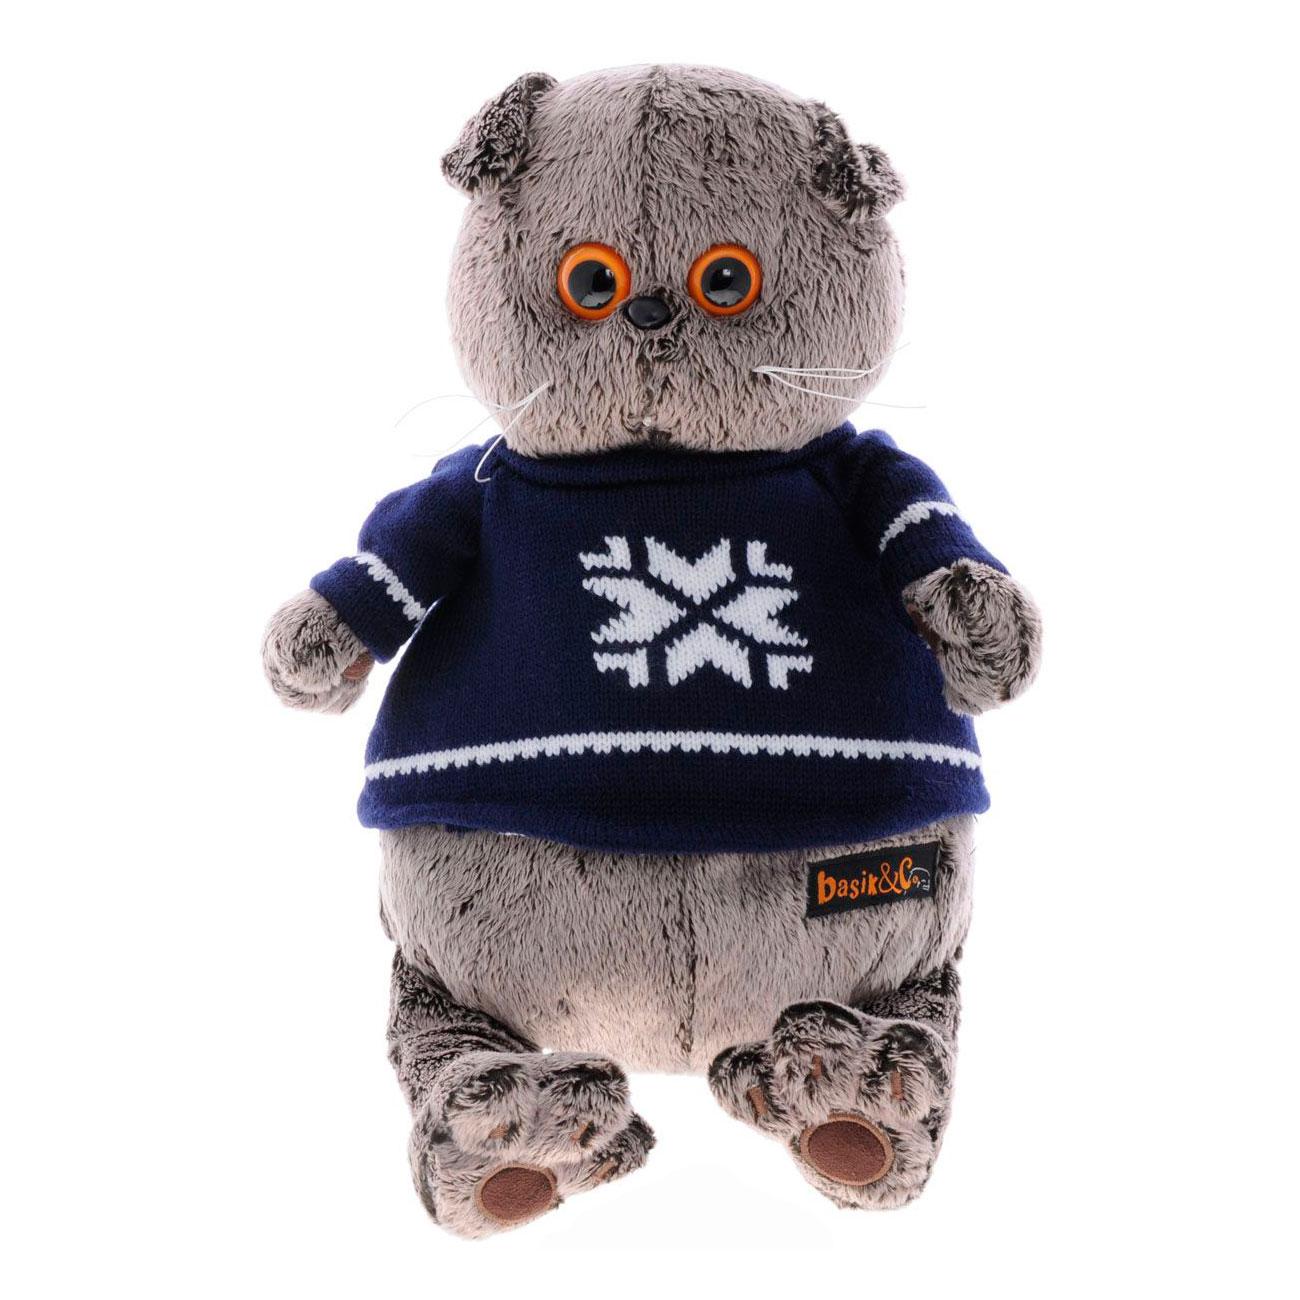 Мягкая игрушка Basik&amp;amp;Ko Басик в свитере<br>